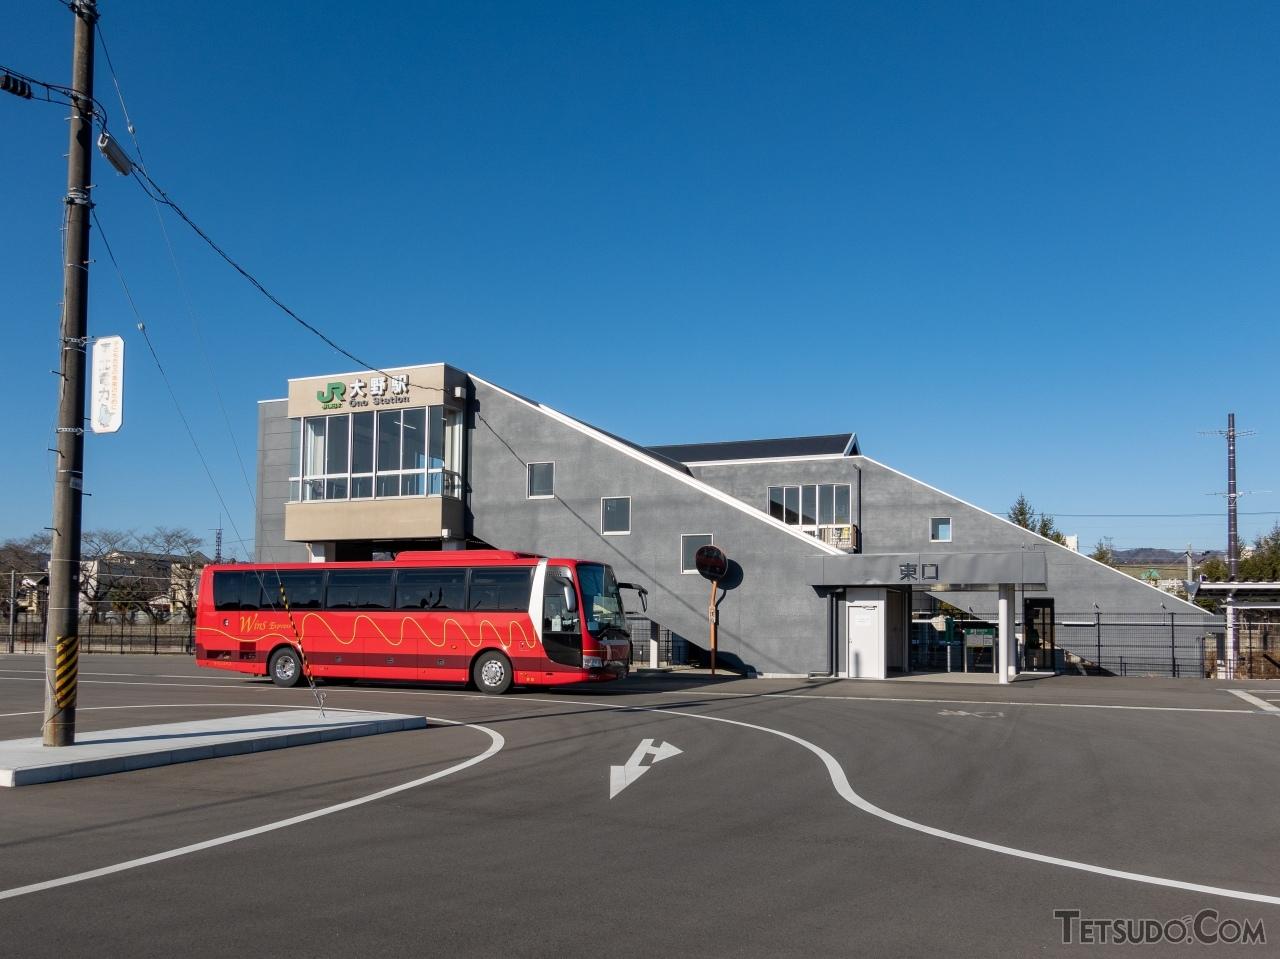 既存の橋上駅舎をリニューアルした大野駅東口。福島第一原子力発電所への作業員を輸送するシャトルバスが停車している。歩行者はこの広場から出ることができない